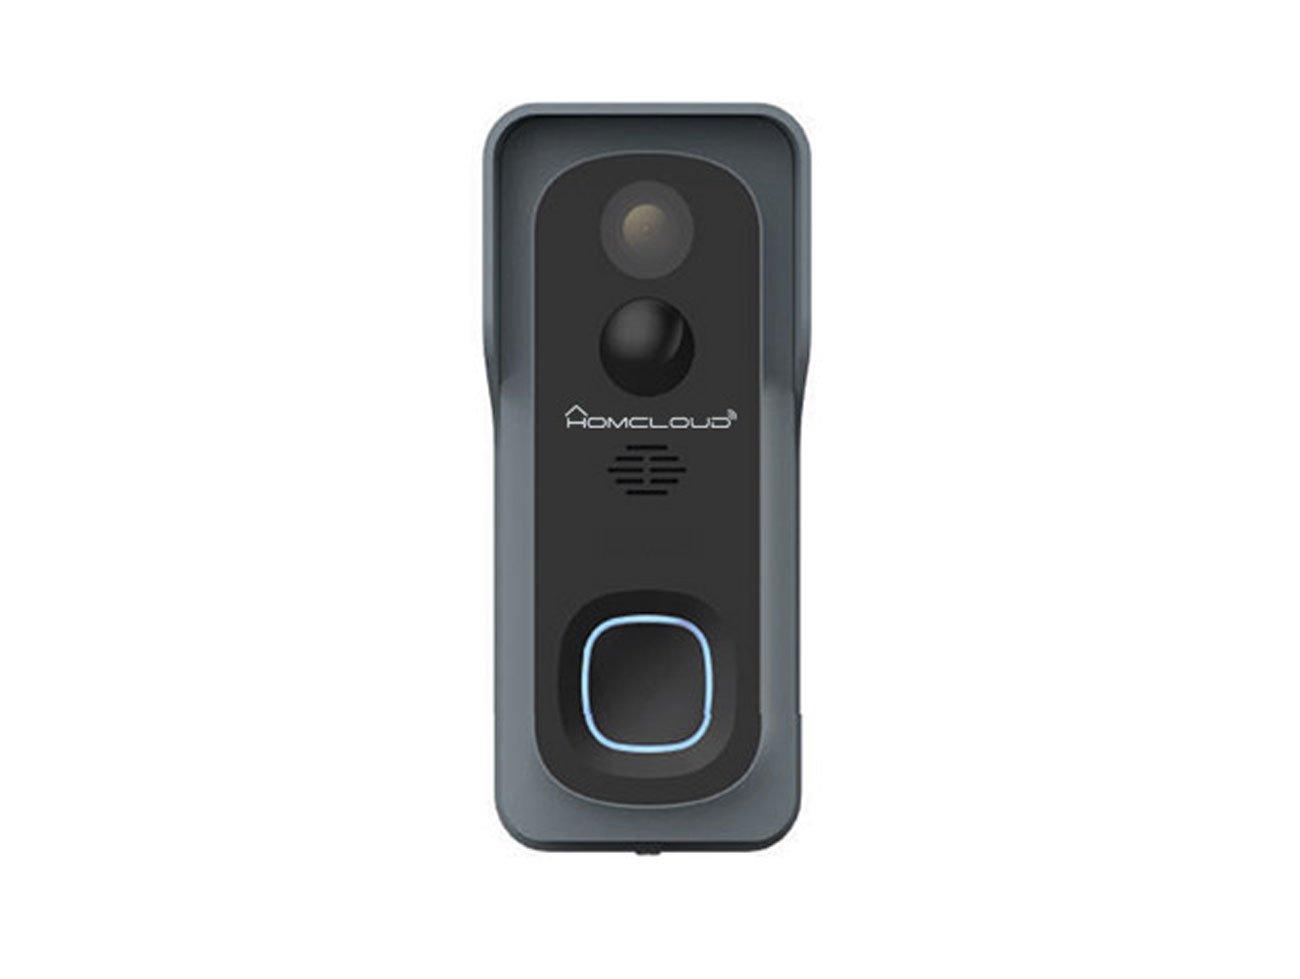 Videocitofono-Outdoor-7s-Homcloud